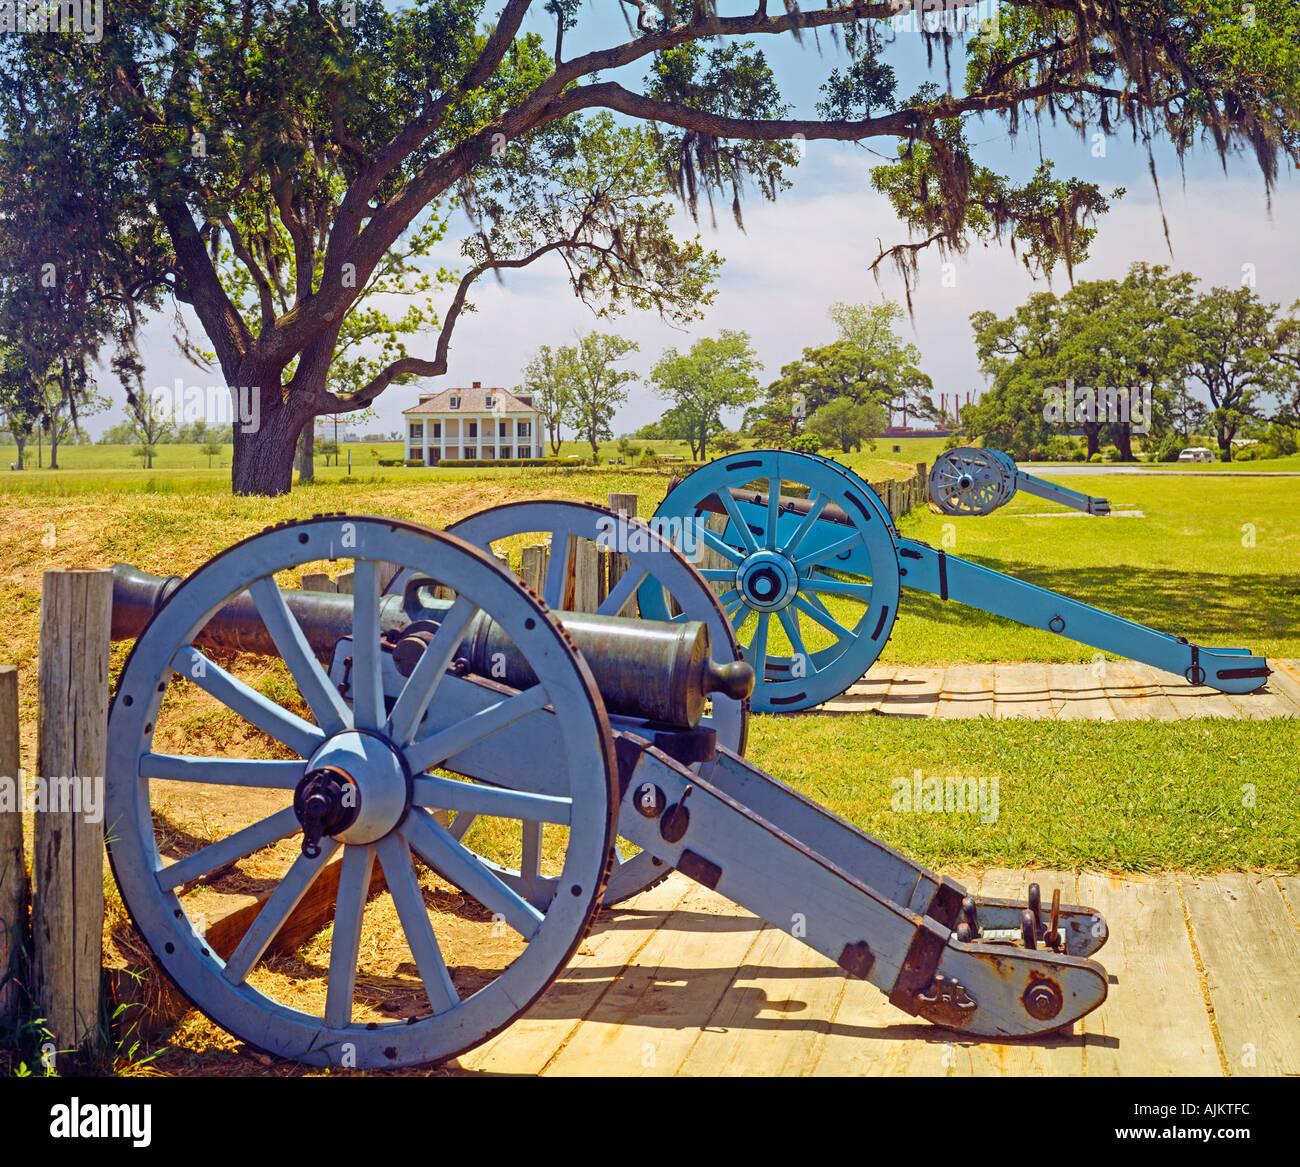 Chalmette Louisiana historical battlefield memorial cannon - Stock Image